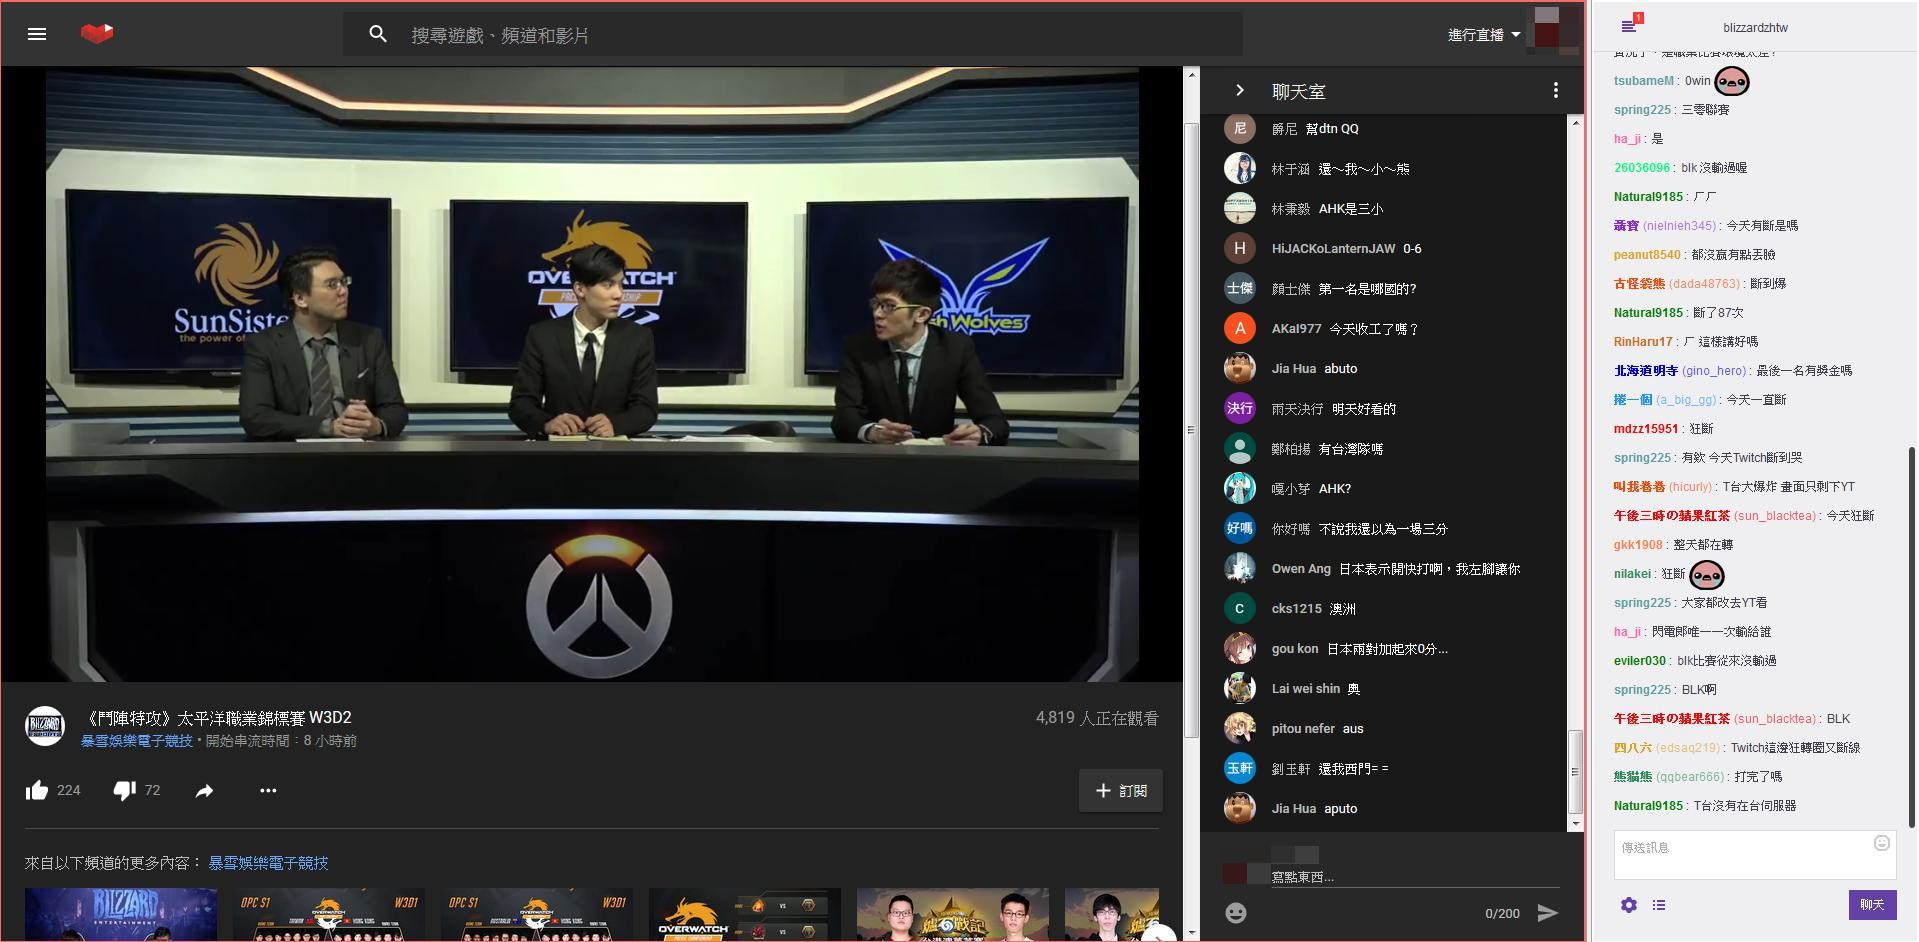 使用分割畫面外掛看Youtube直播聊Twitch聊天室,看英文台聊中文聊天室 5